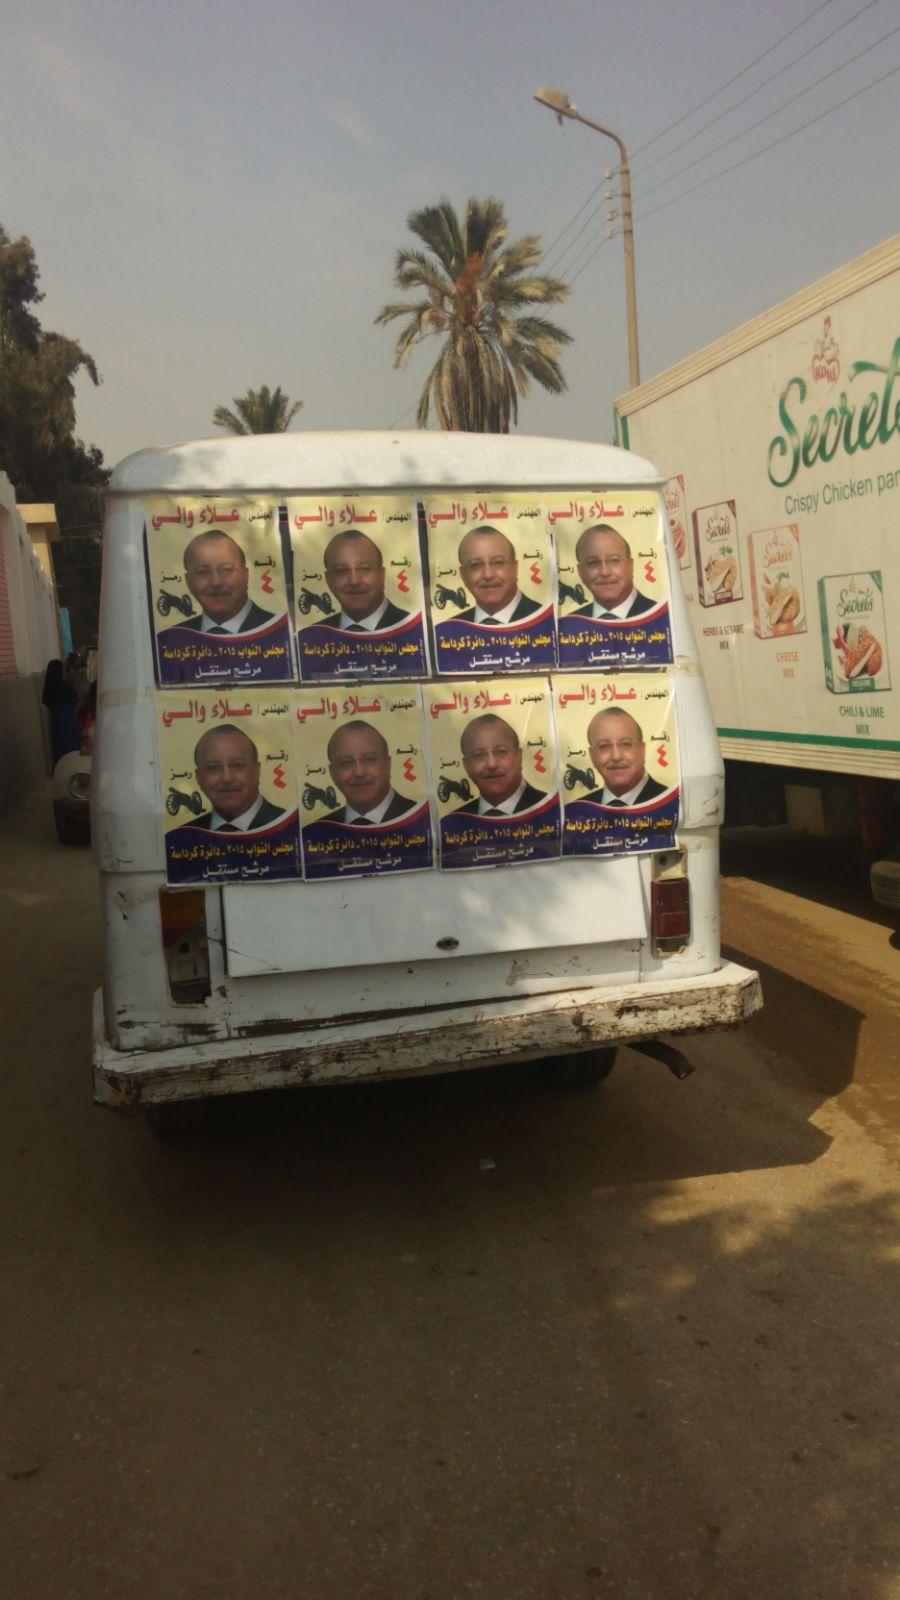 بالصور.. خرق انتخابي وحشد الناخبين في ميكروباصات وتكاتك بدائرة كرداسة (شاركنا صورك)